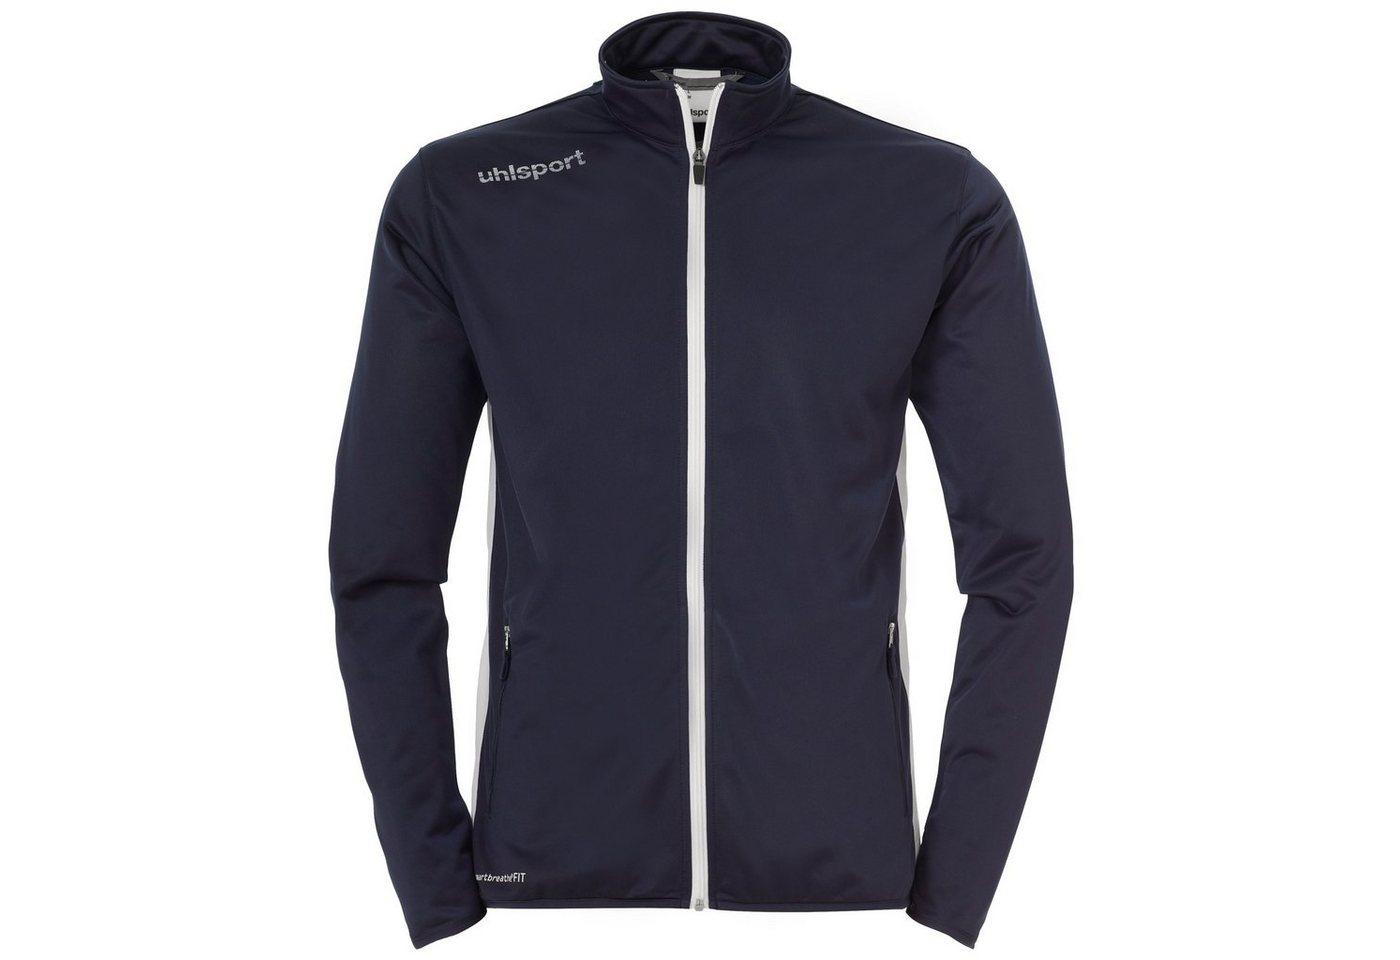 Uhlsport Essential Classic Anzug Herren | Sportbekleidung > Sportanzüge | Blau | Uhlsport